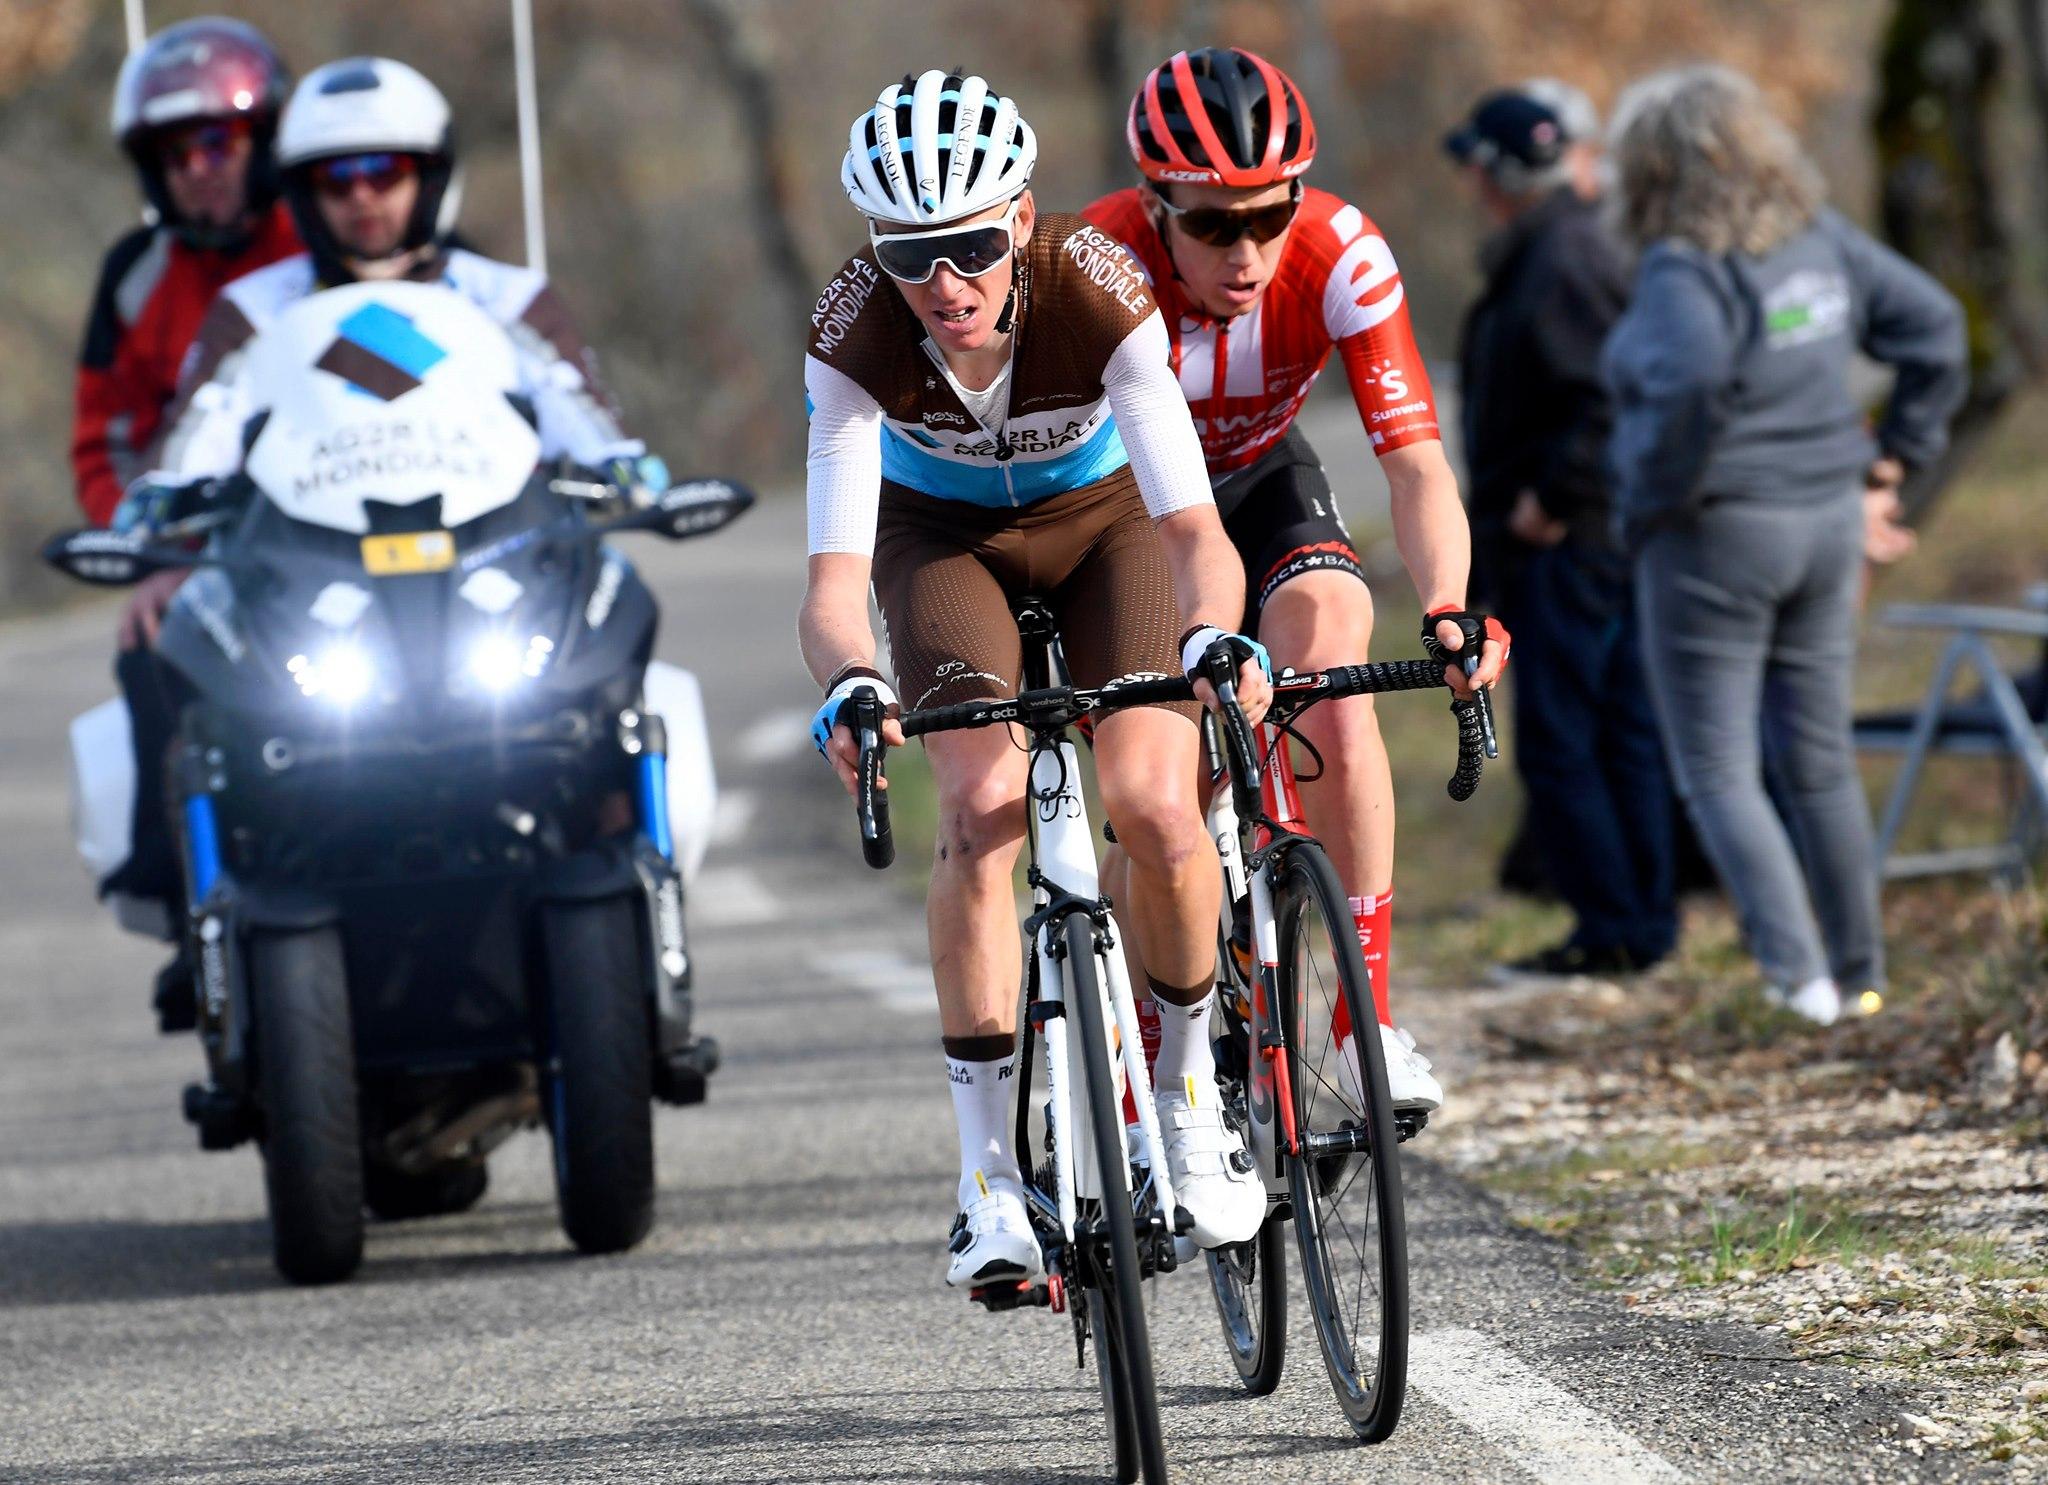 C'est officiel, Romain Bardet part chez Sunweb — Cyclisme